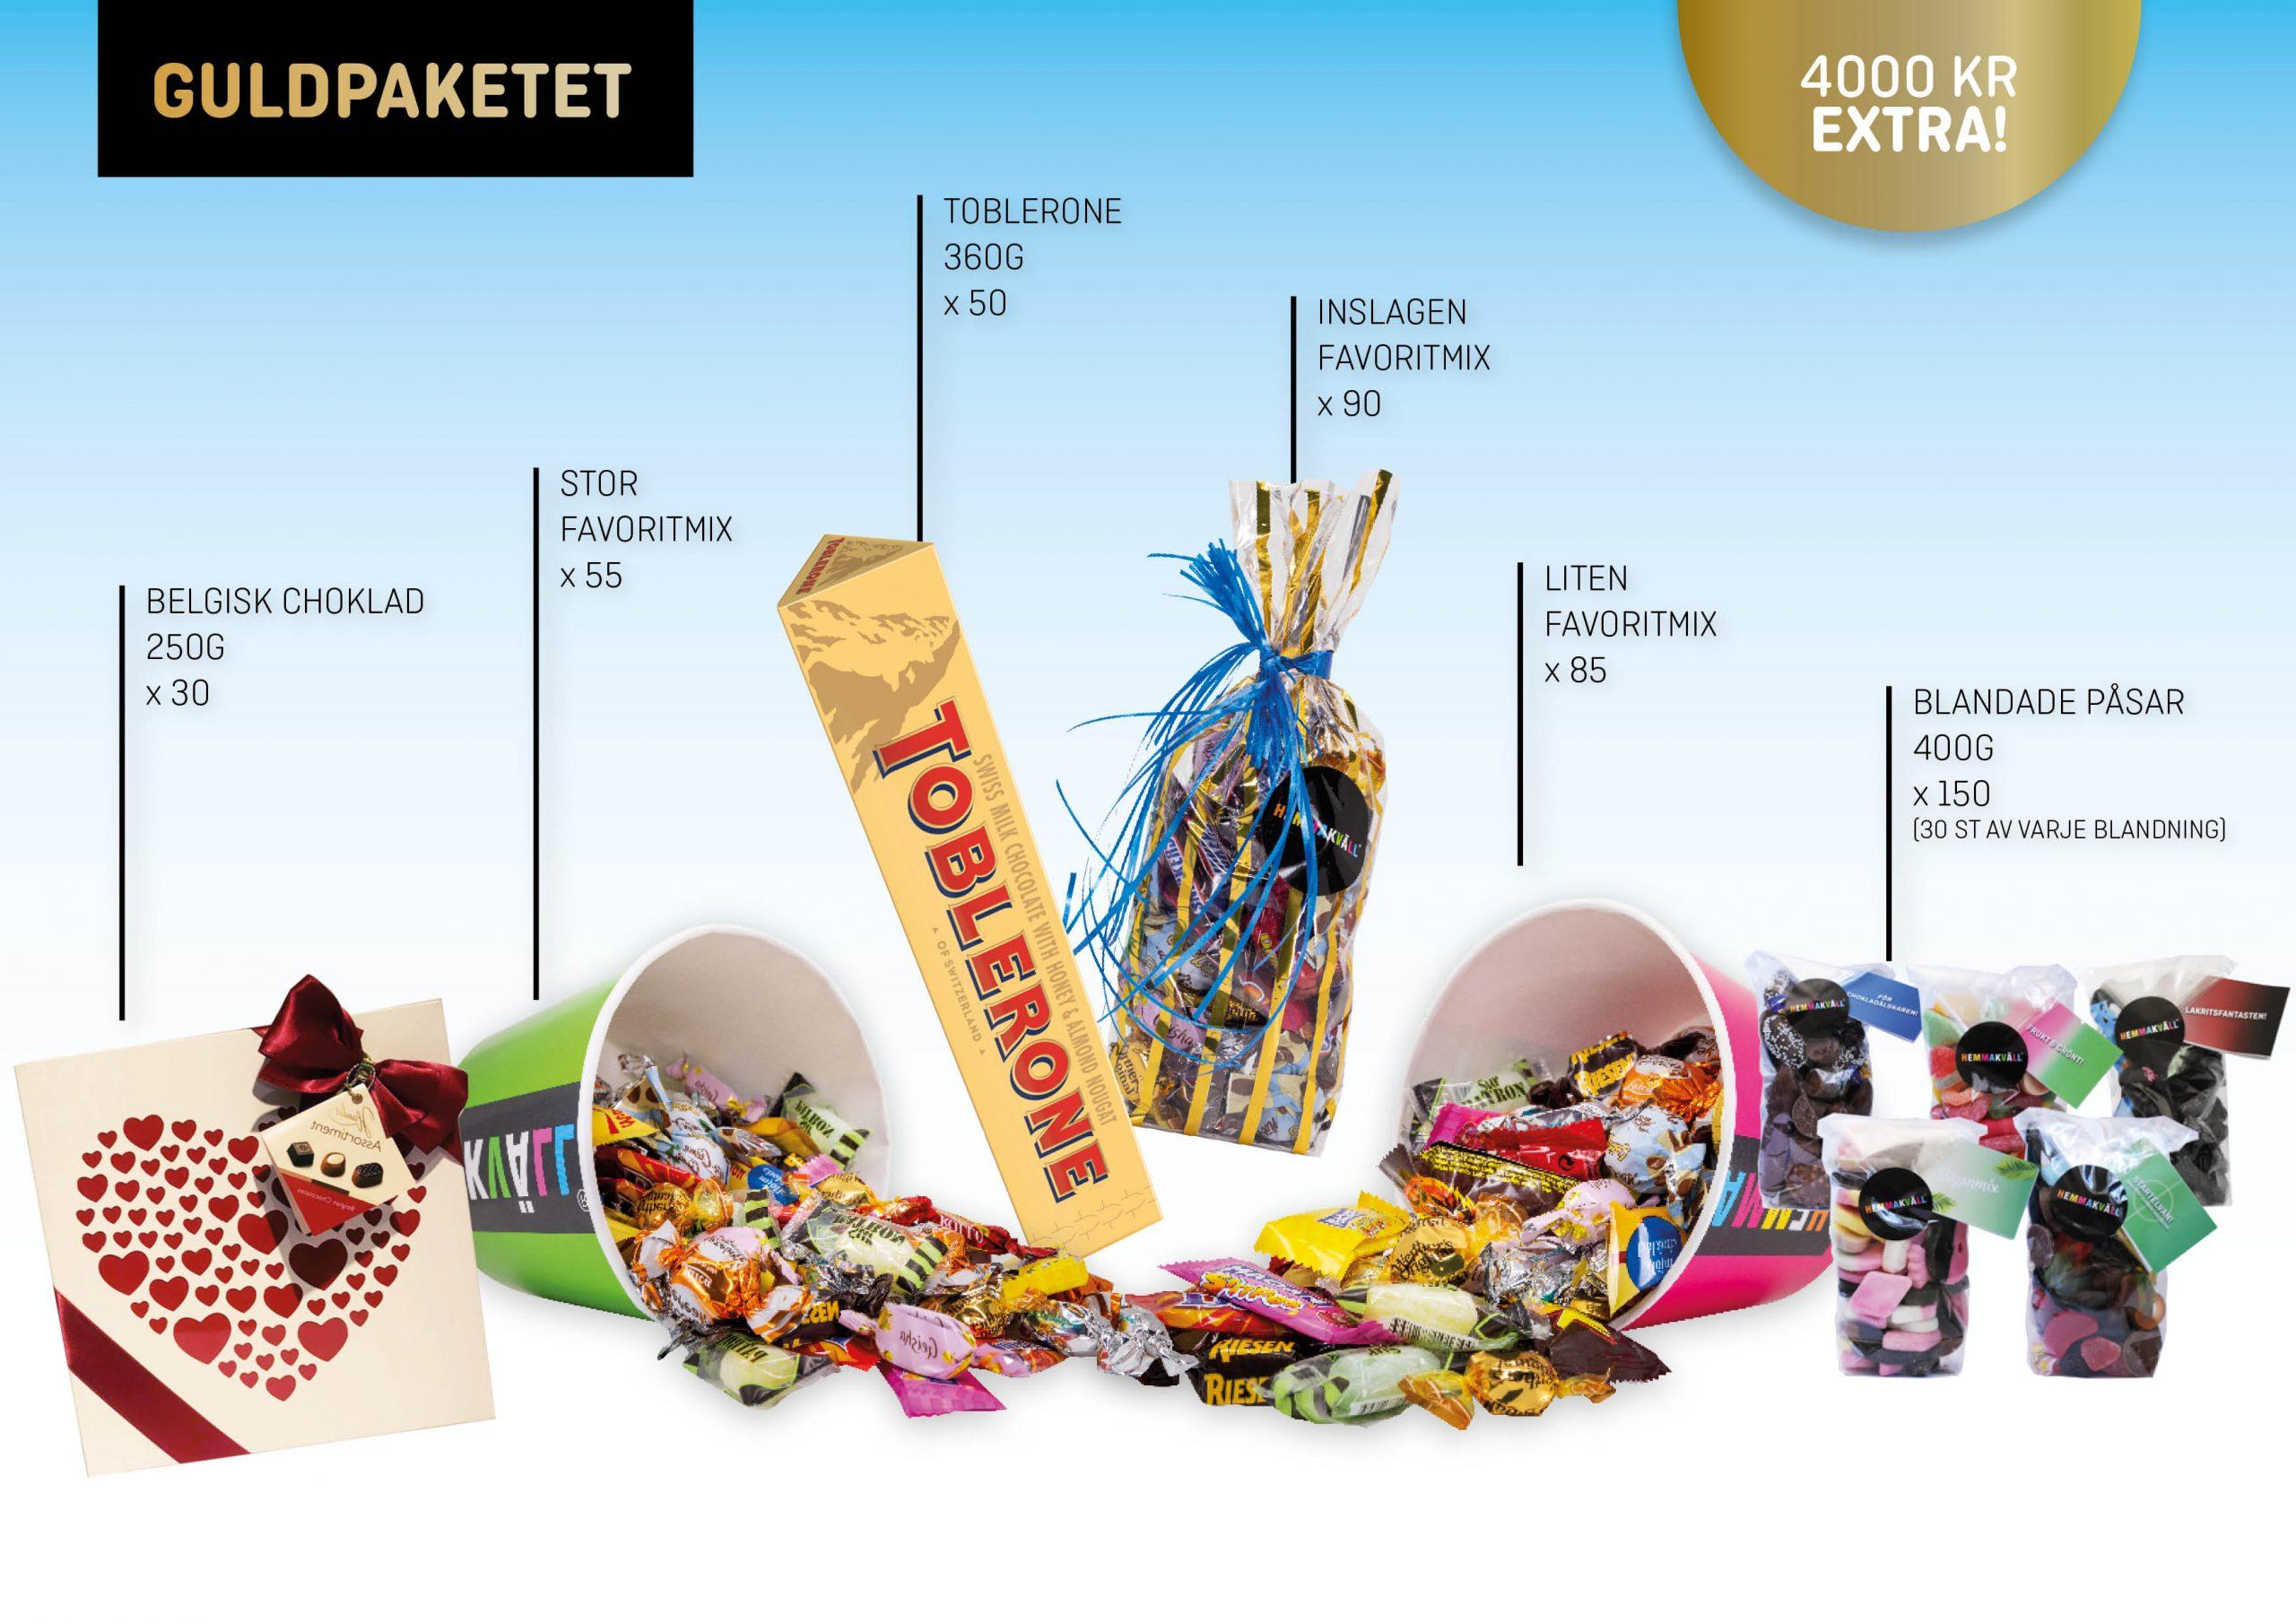 Guldpaket 2.0 NY0620